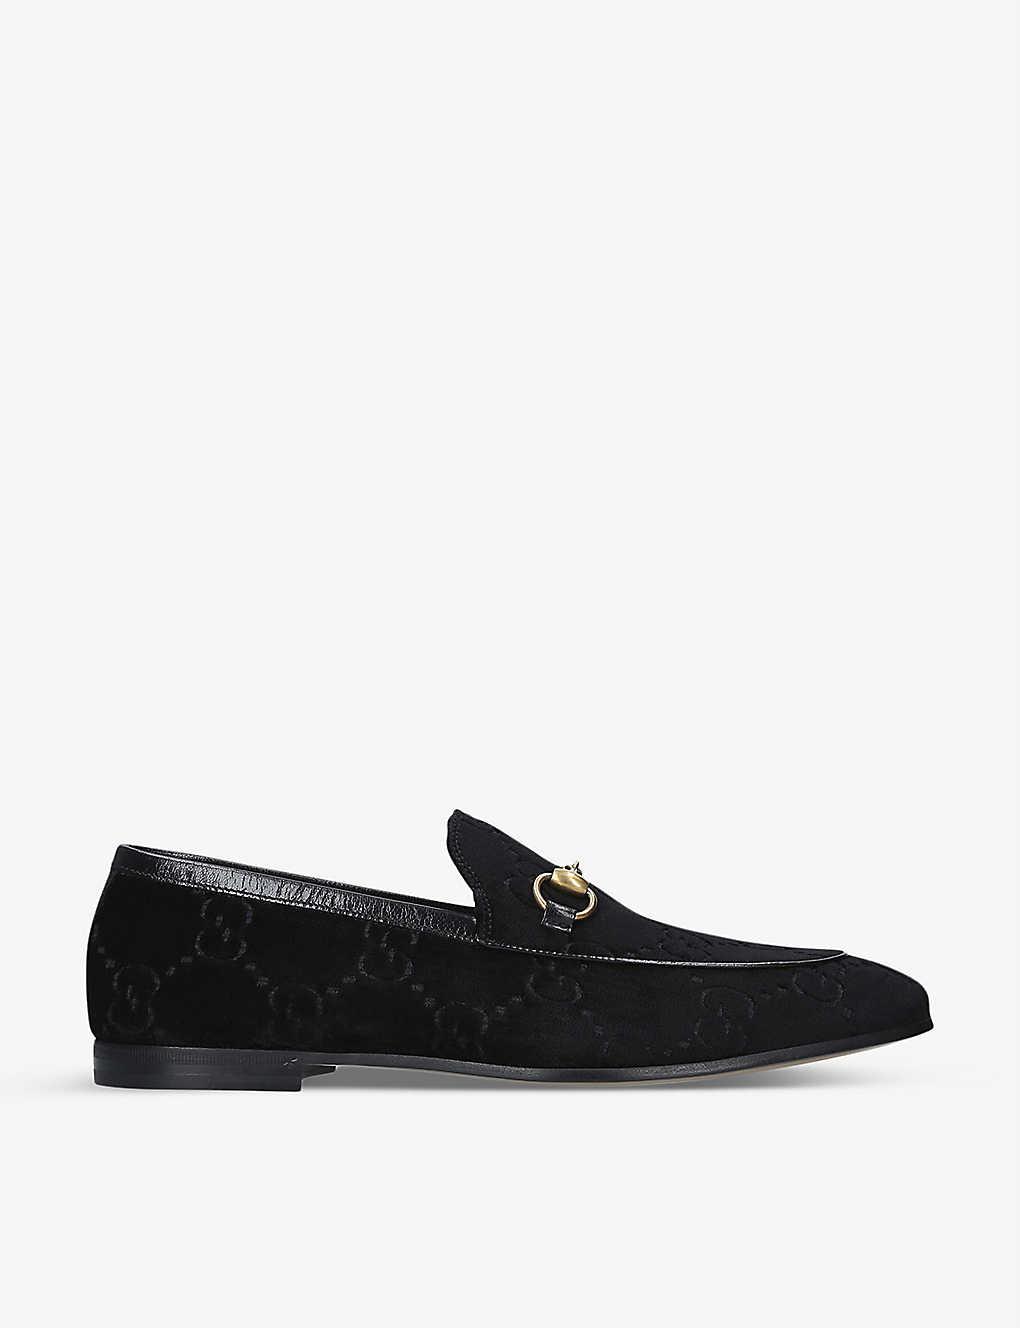 0f46e123046 Jordaan GG velvet loafers - Black ...